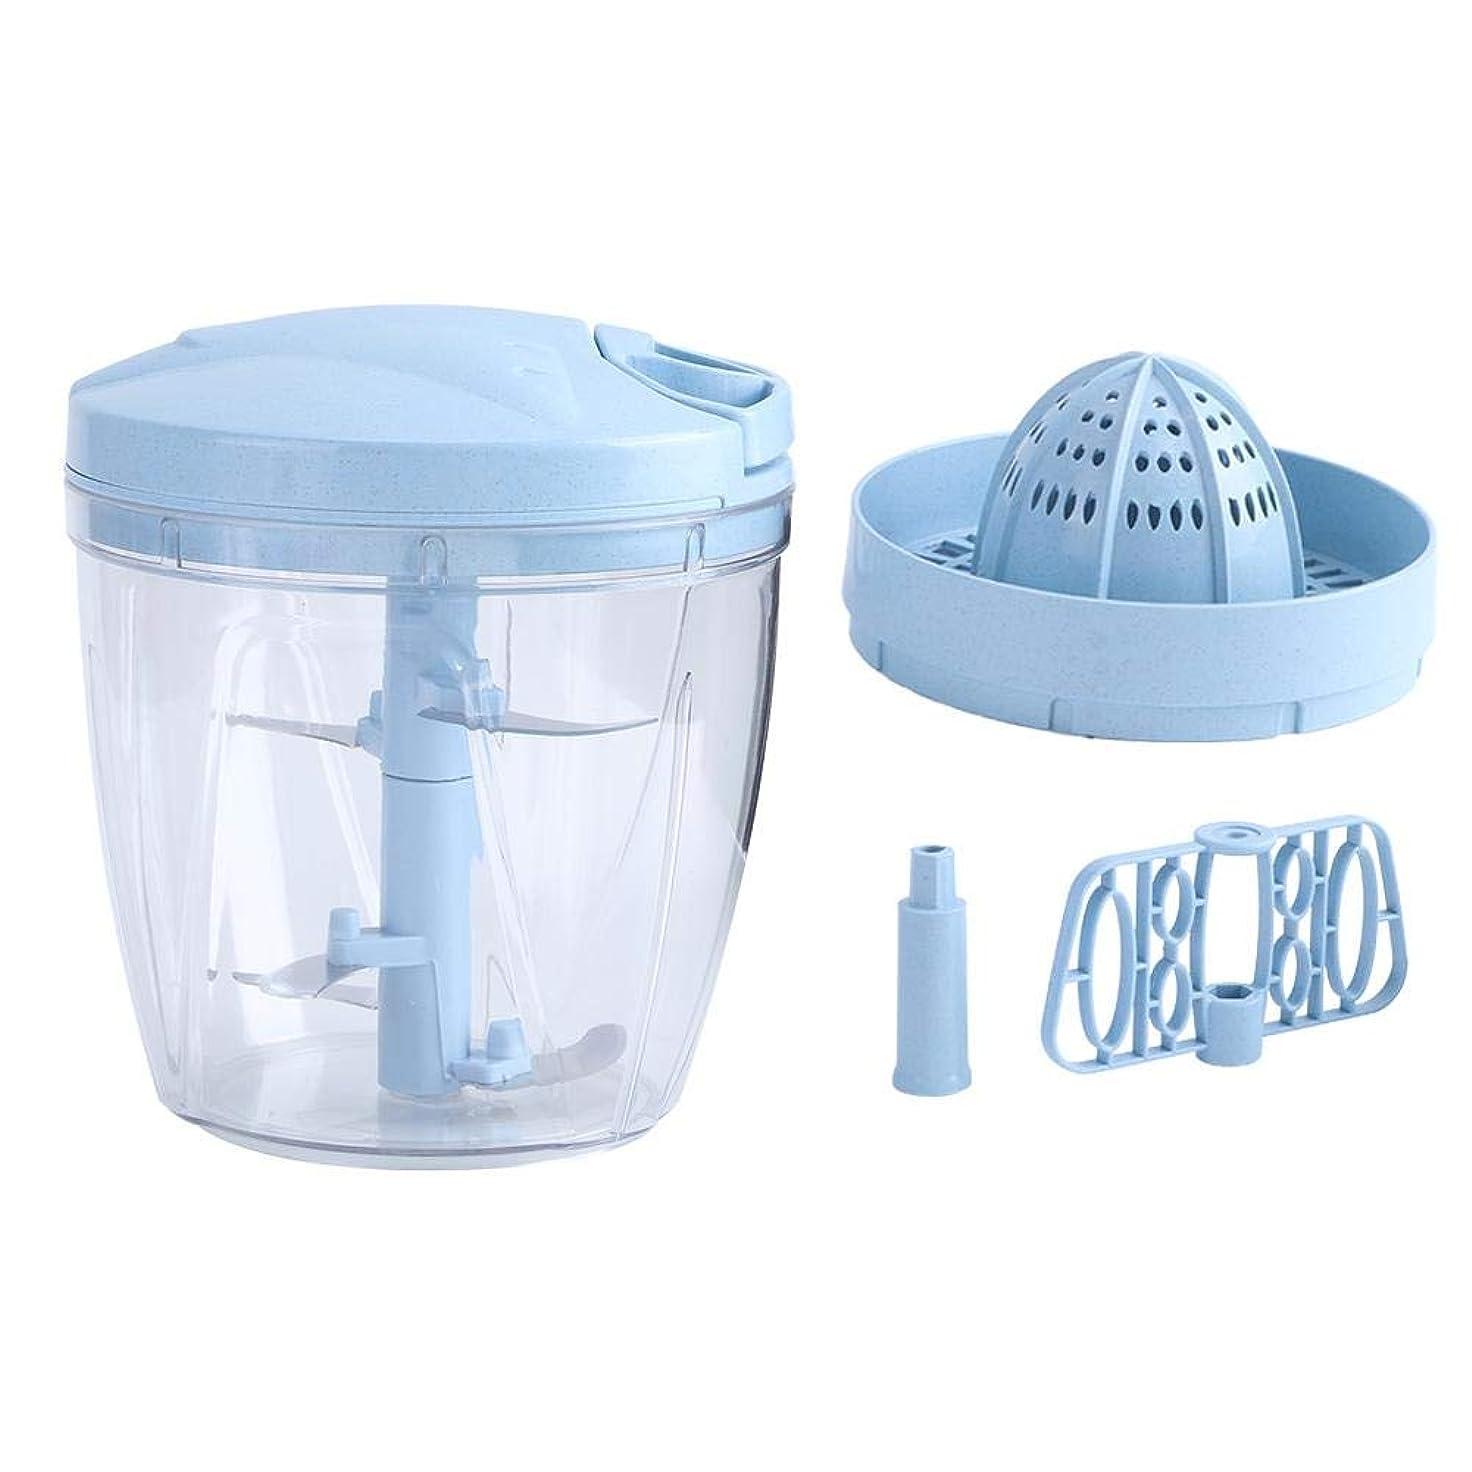 サーバントコンピューターを使用する自己手動ミートチョッパー、多機能ミートミンサーエッグビータープルタイプ手動ミルク泡立て器グラインダーミキサージューススクイーザー、キッチン用(青い)